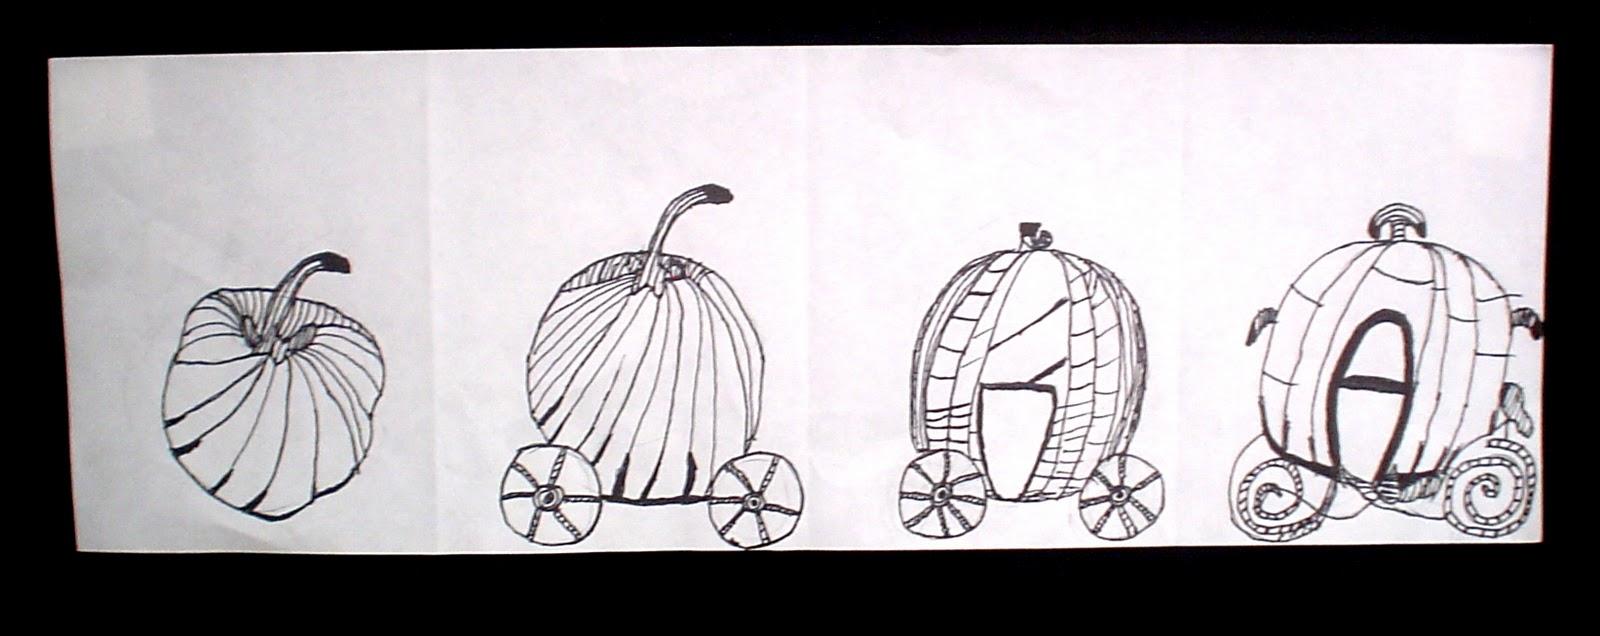 Metamorphosis Drawings